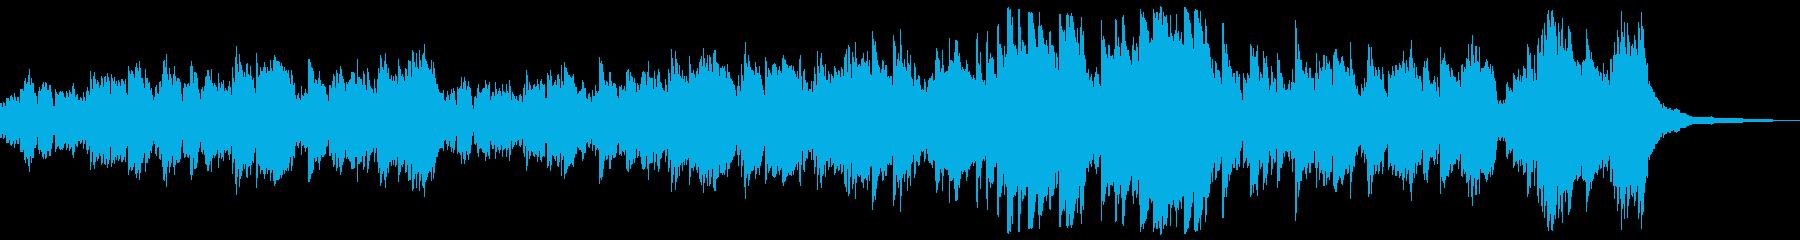 ゲームイベントシーン向け感動ピアノソロの再生済みの波形